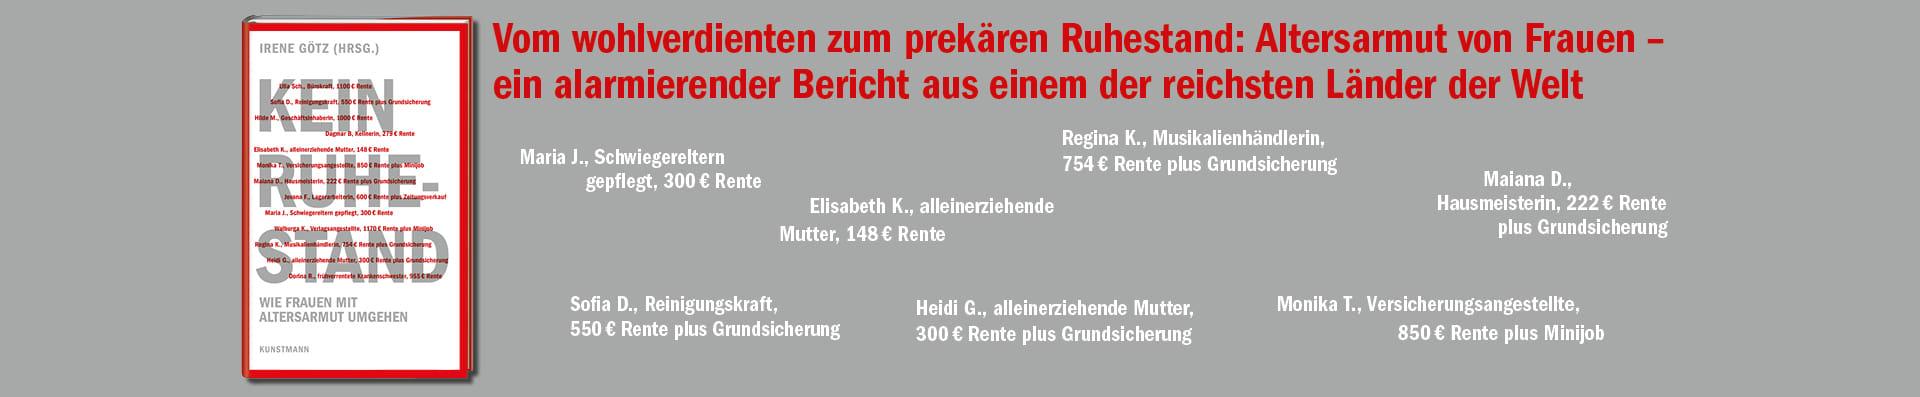 Irene Götz – Kein Ruhestand